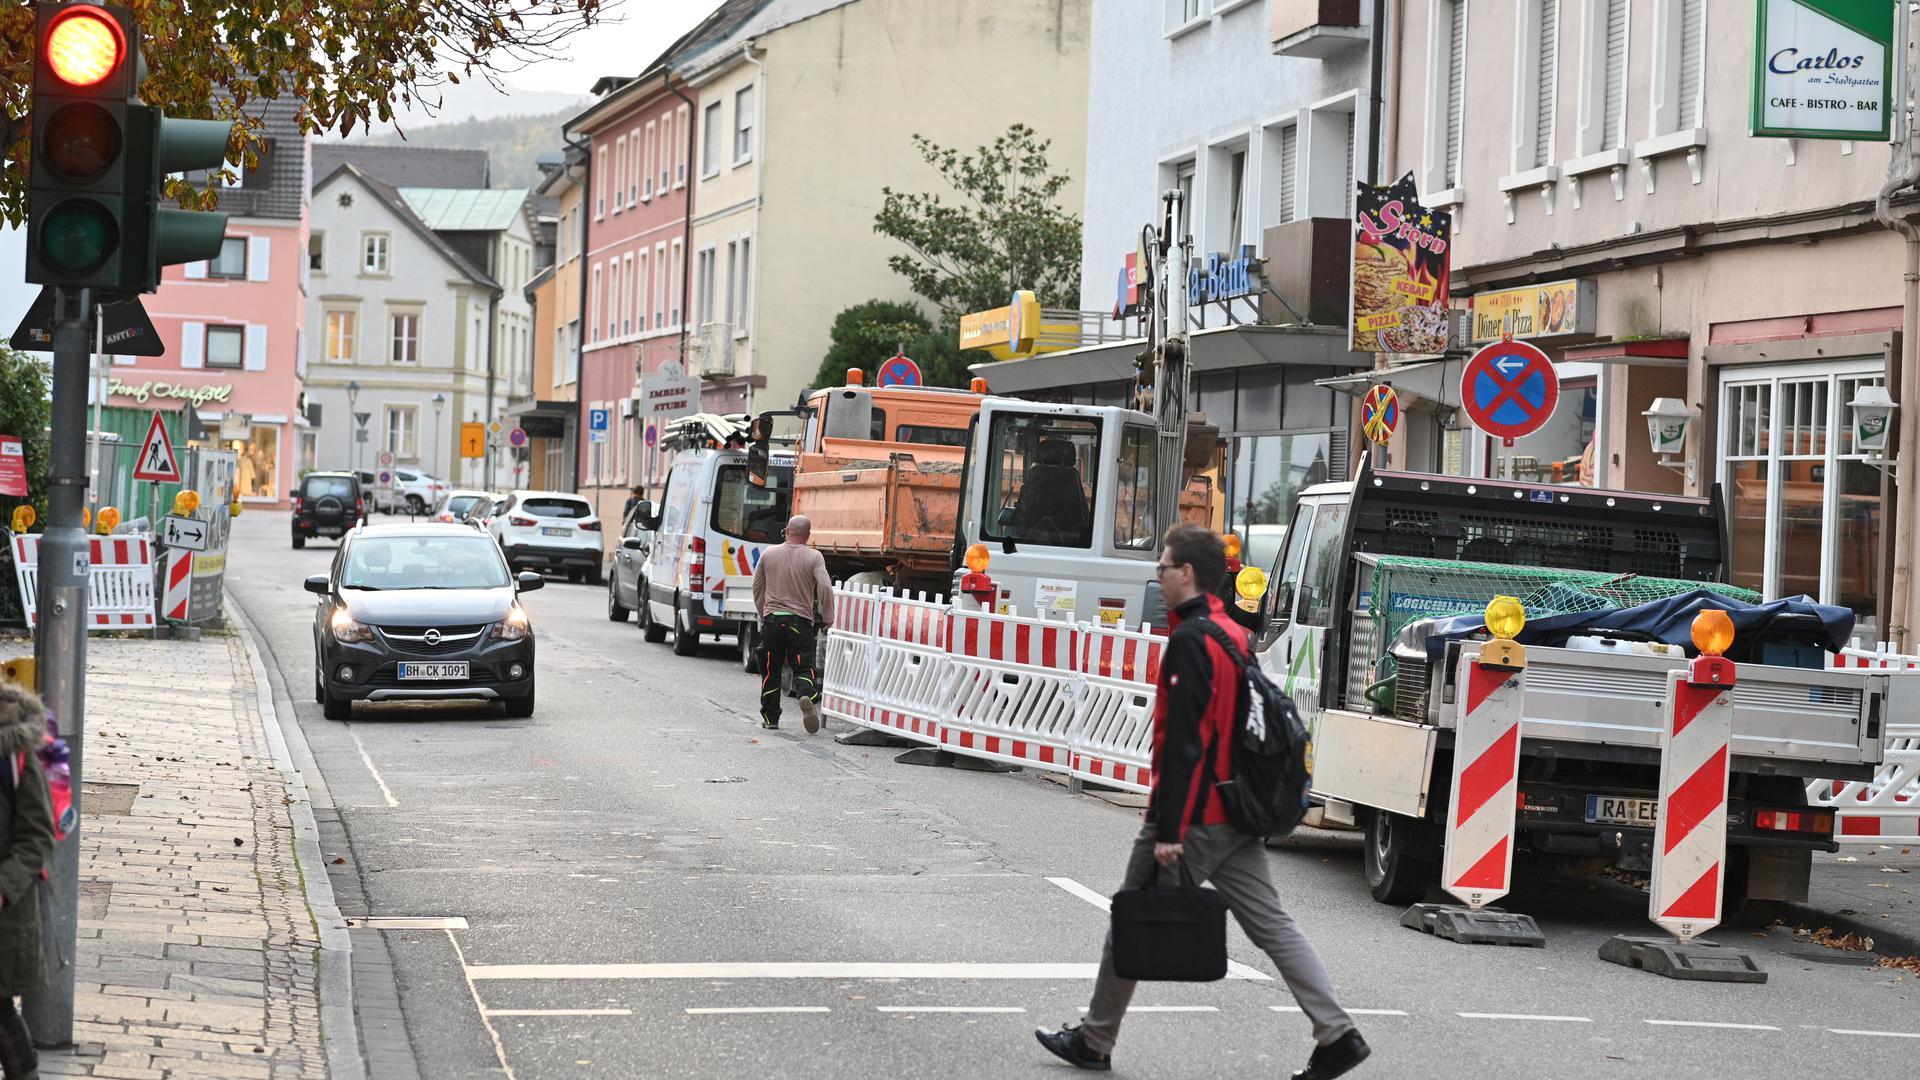 Blockiert: Gleich an beiden Seiten der Eisenbahnstraße wird im Bereich der Bürgersteige gearbeitet.